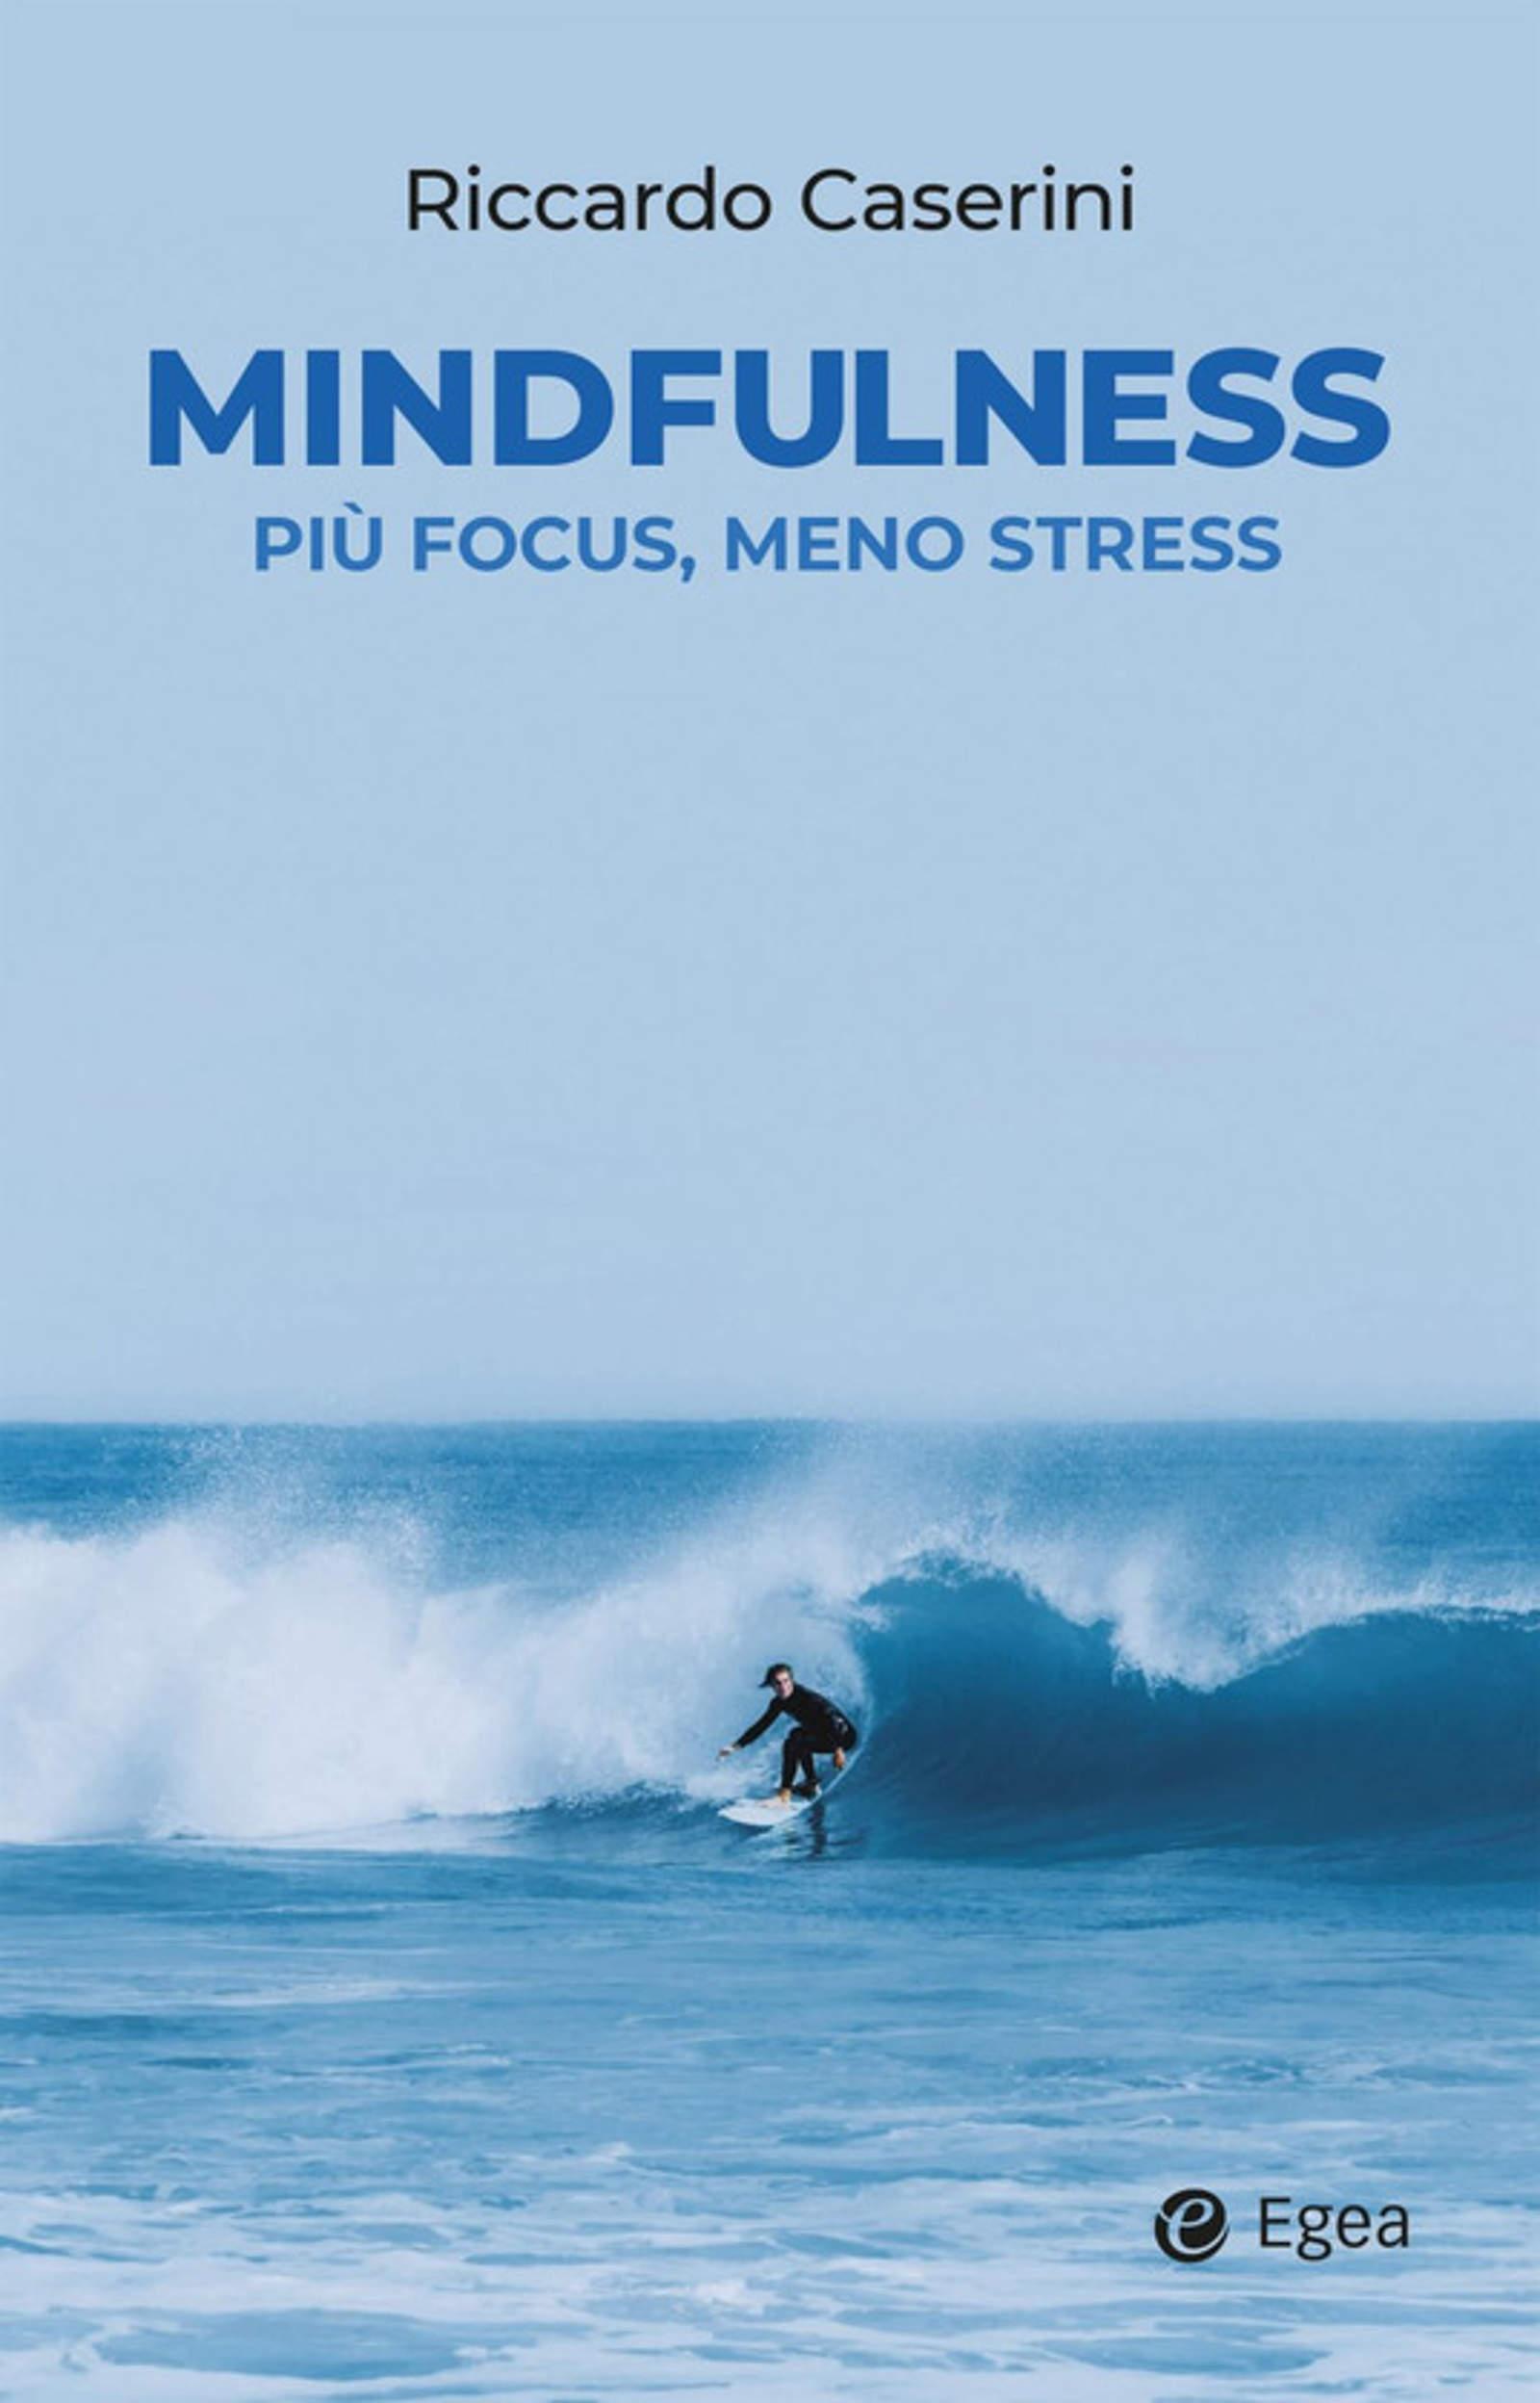 """La facilità di essere consapevoli. Recensione di """"Mindfulness, più focus, meno stress"""" (2021) di Riccardo Caserini"""